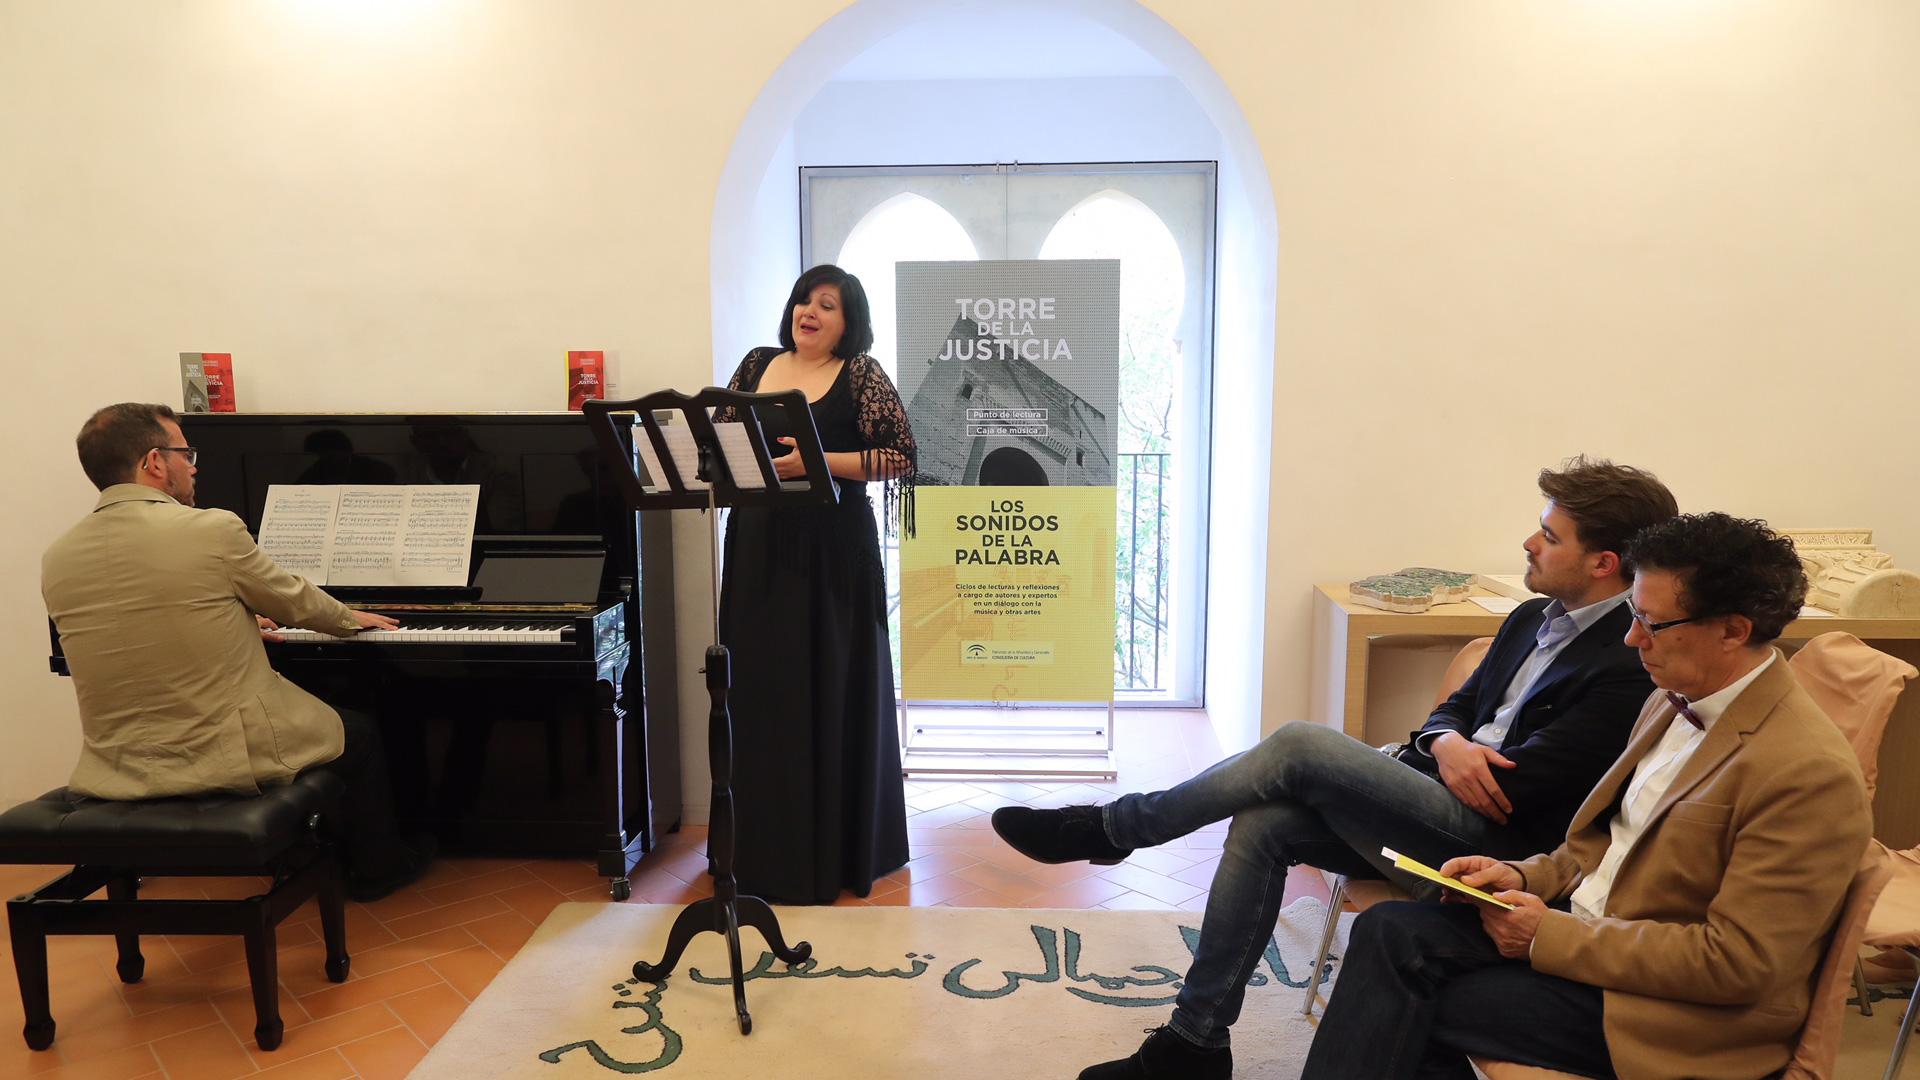 """La música y la poesía vuelven a la Torre de la Justicia con el ciclo de """"Los Sonidos de la Palabra"""""""